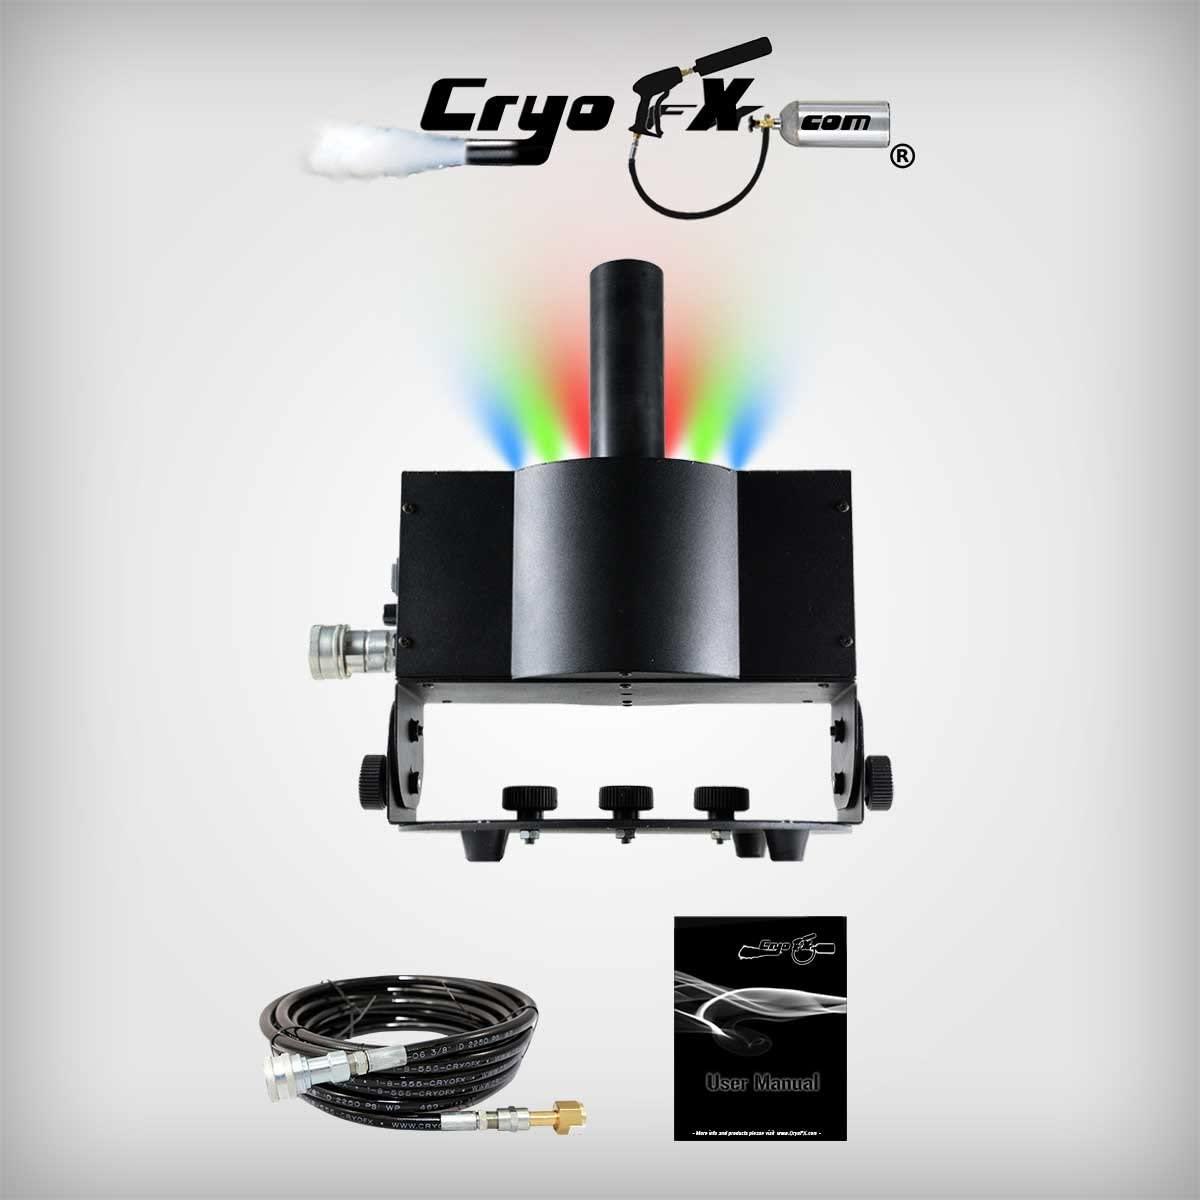 CryoFX CO2 LED Jet - CO2 Jet L.E.D., CO2 Blaster, CO2 Cannon, Cryo LED Jet